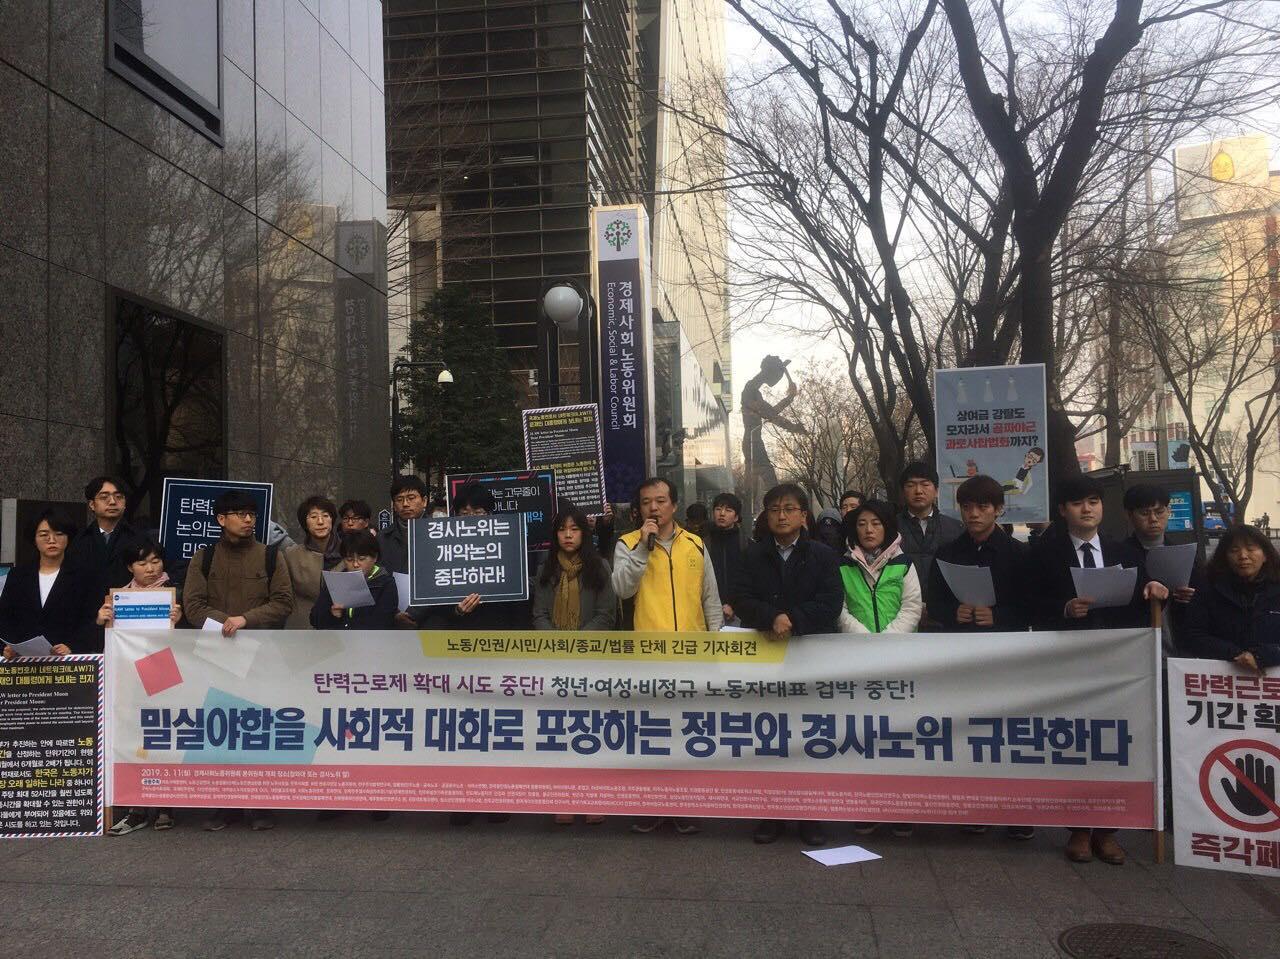 밀실야합 정부 경사노위 규탄 기자회견